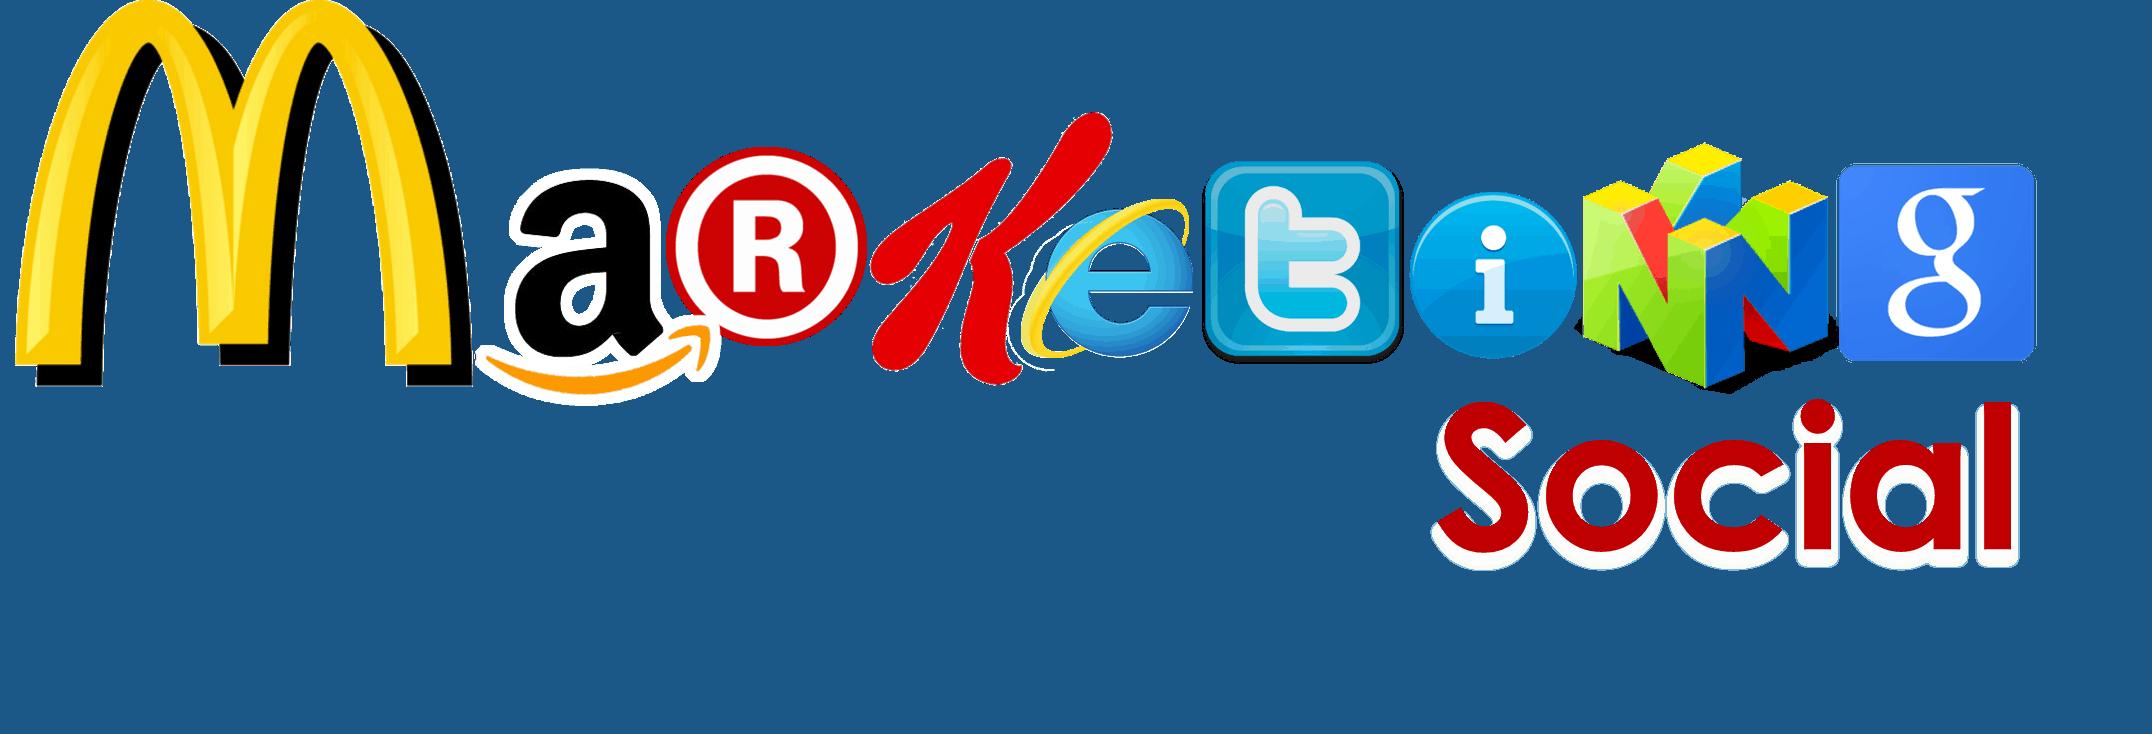 marketing social